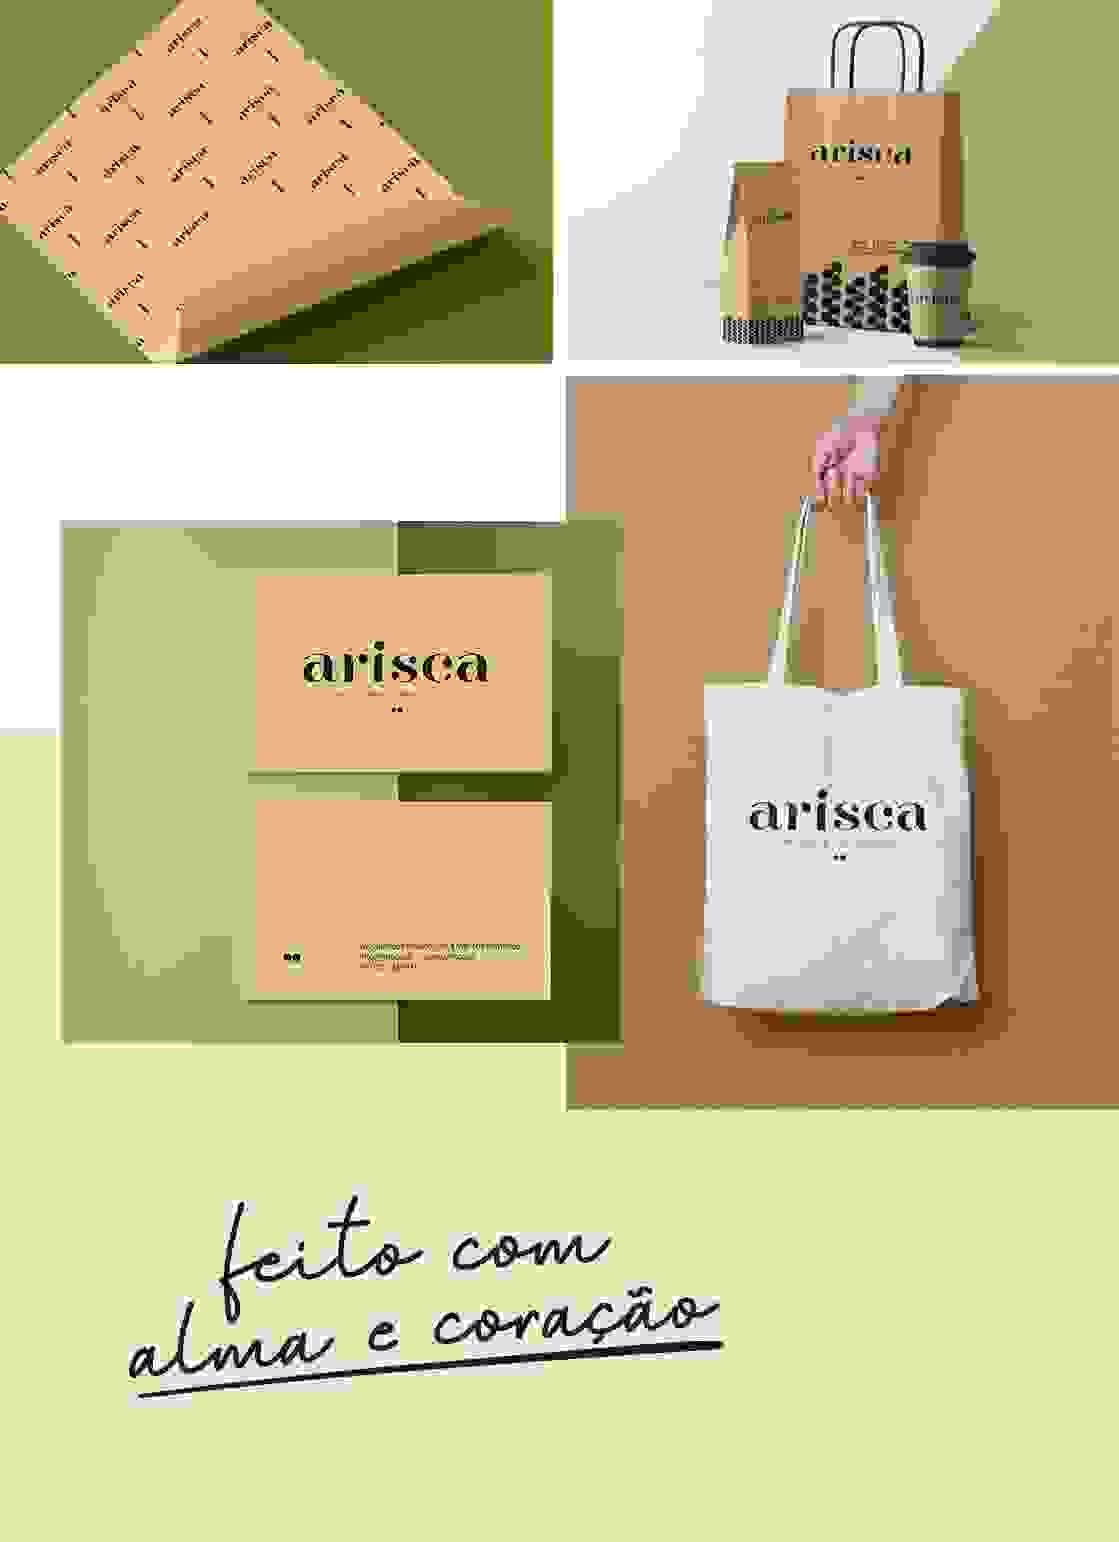 arisca-2